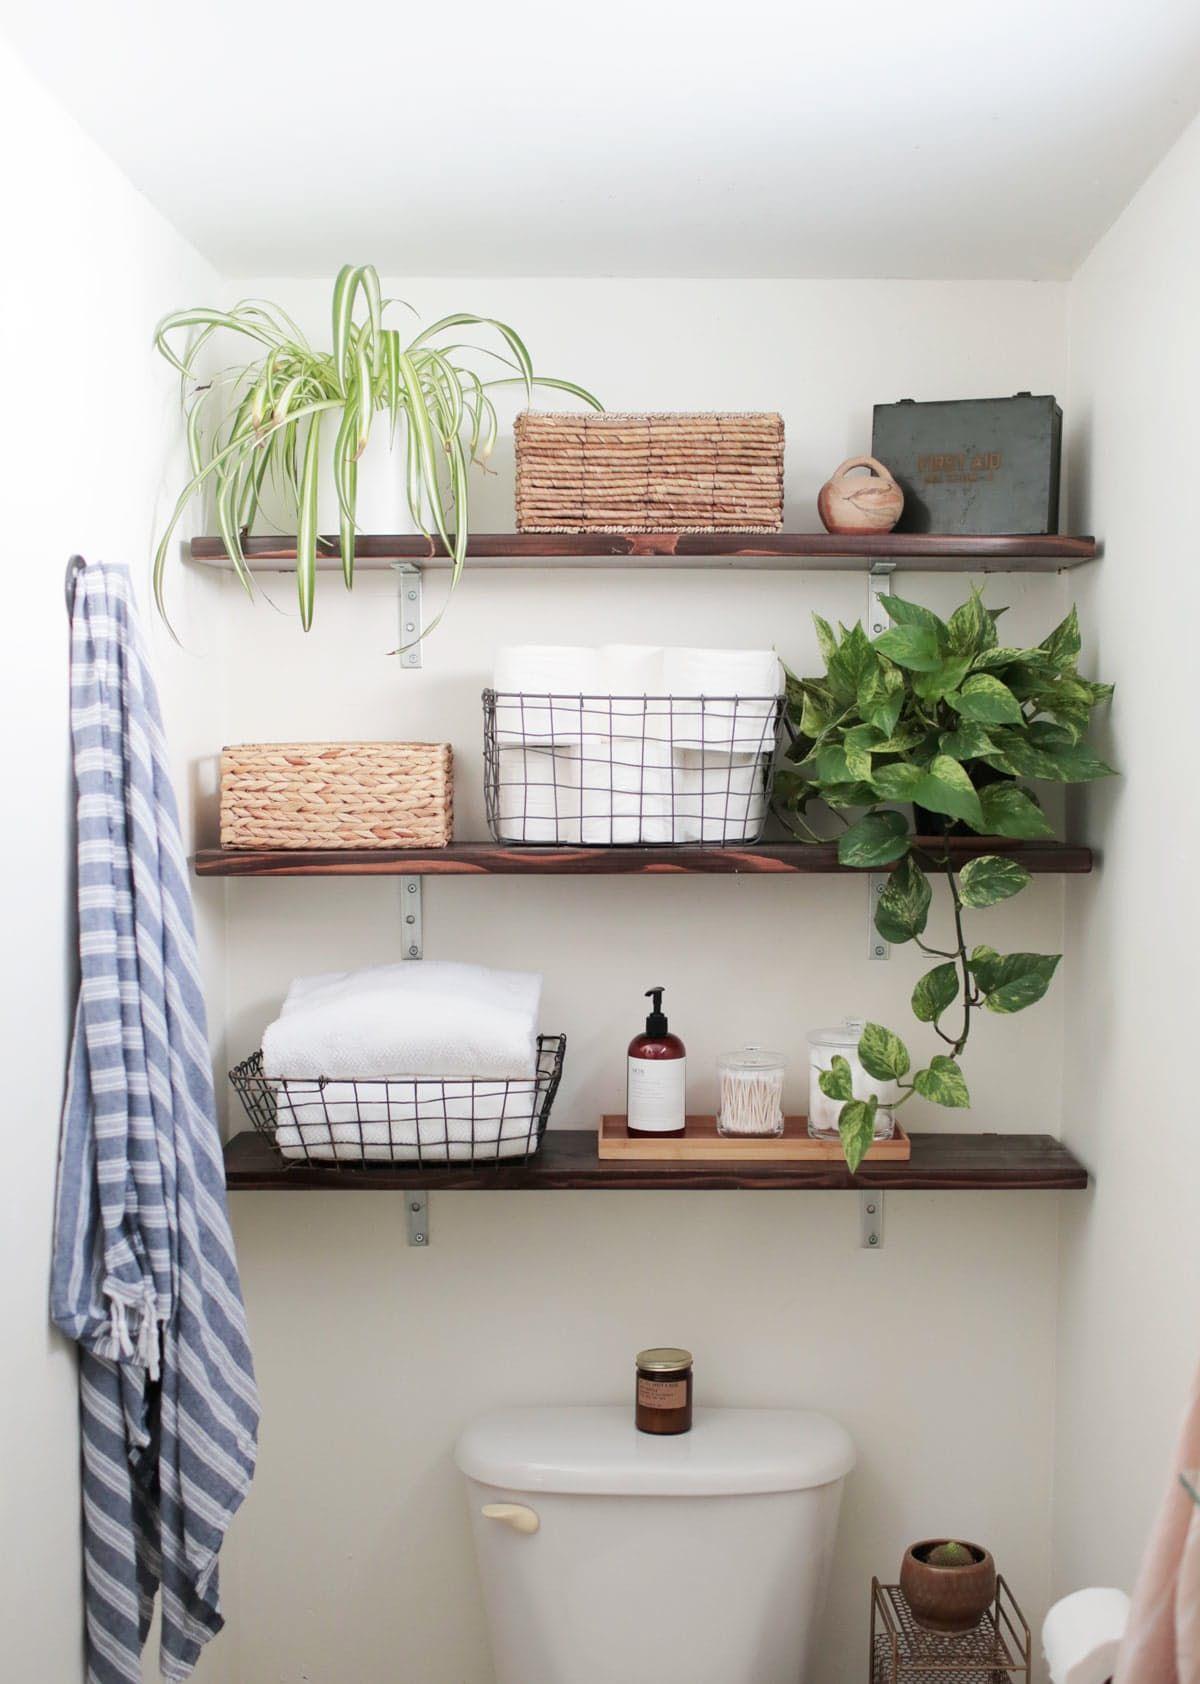 Gợi ý 10 cách thiết kế spa tại nhà giúp nâng tầm không gian phòng tắm - Ảnh 3.